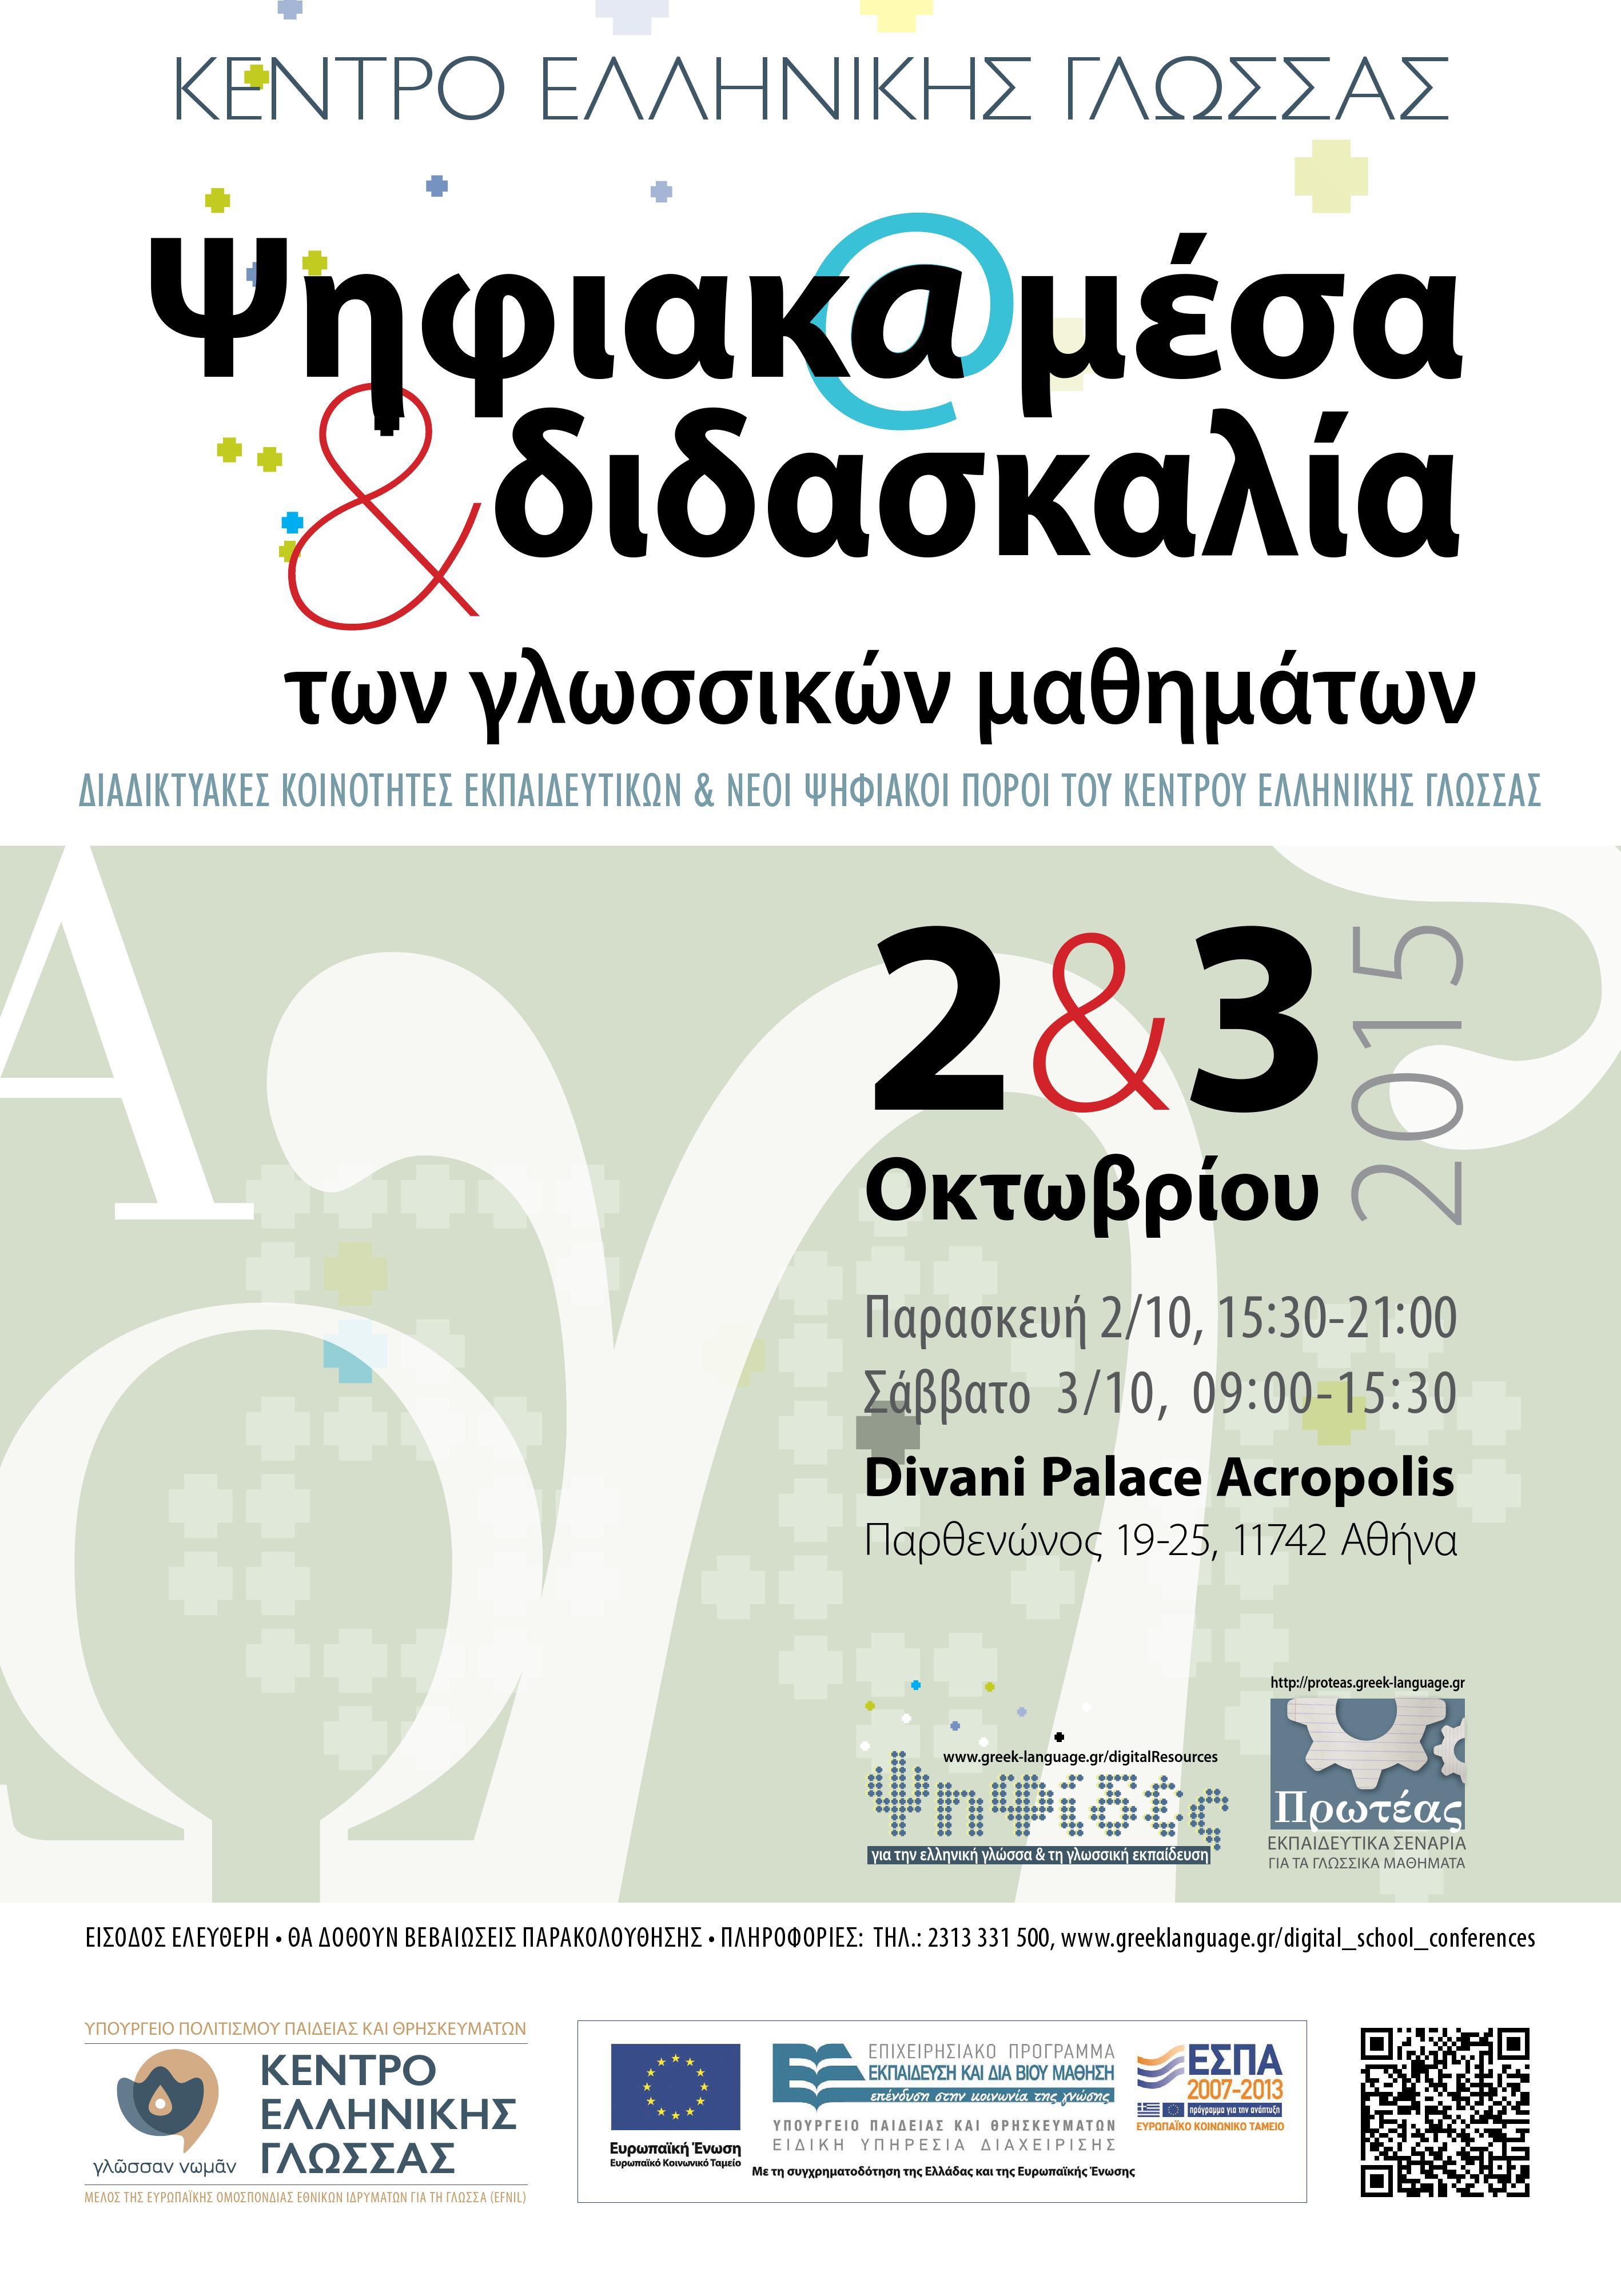 Διημερίδα ΚΕΓ «Ψηφιακά μέσα και διδασκαλία των γλωσσικών μαθημάτων» (2-3 Οκτωβρίου 2015, Αθήνα)